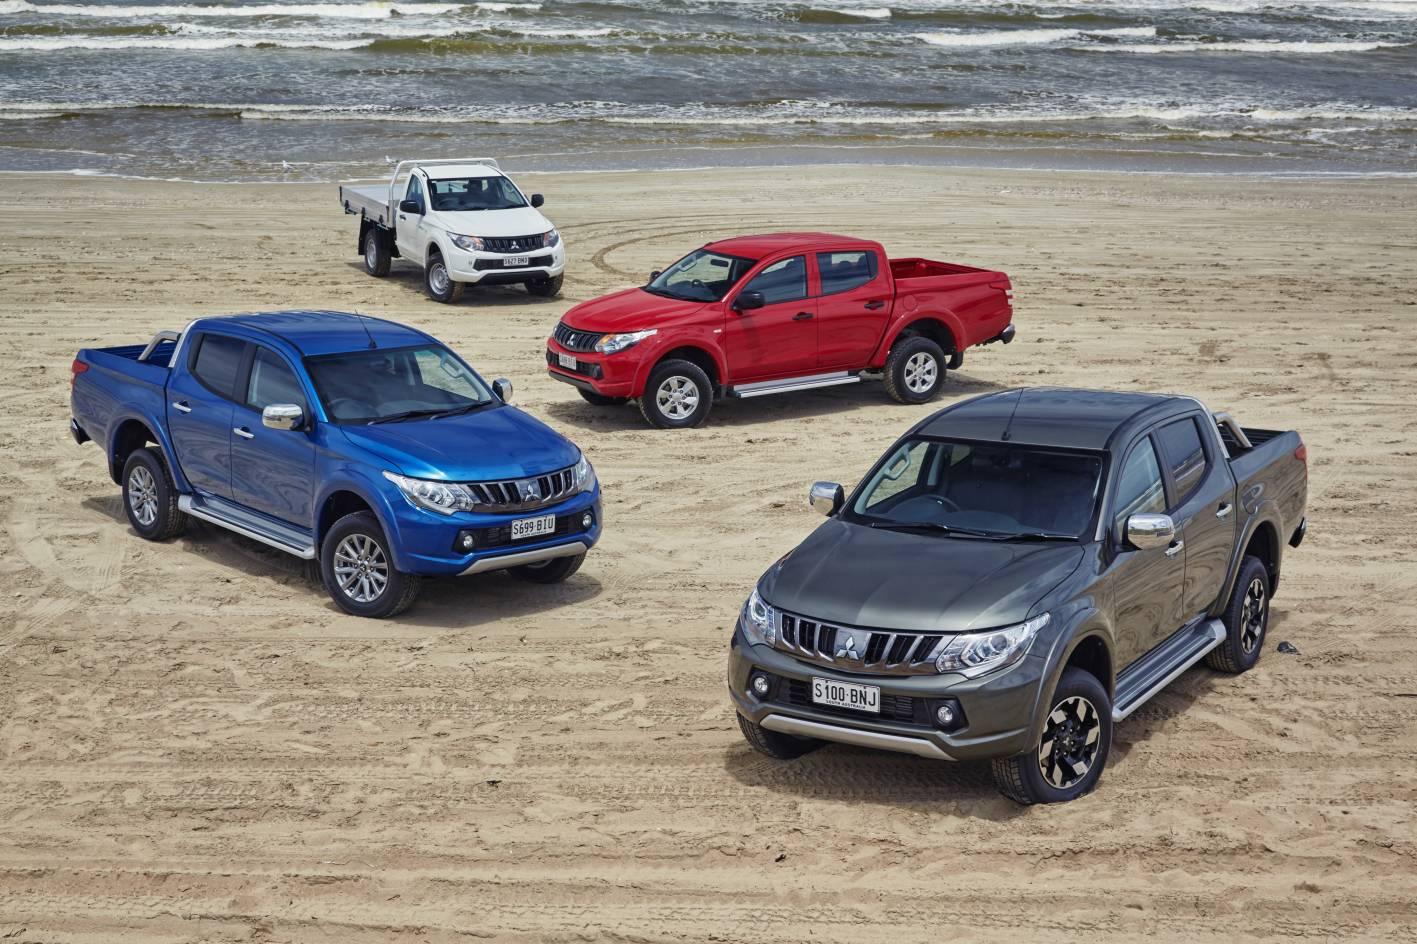 2017 Mitsubishi Triton updated